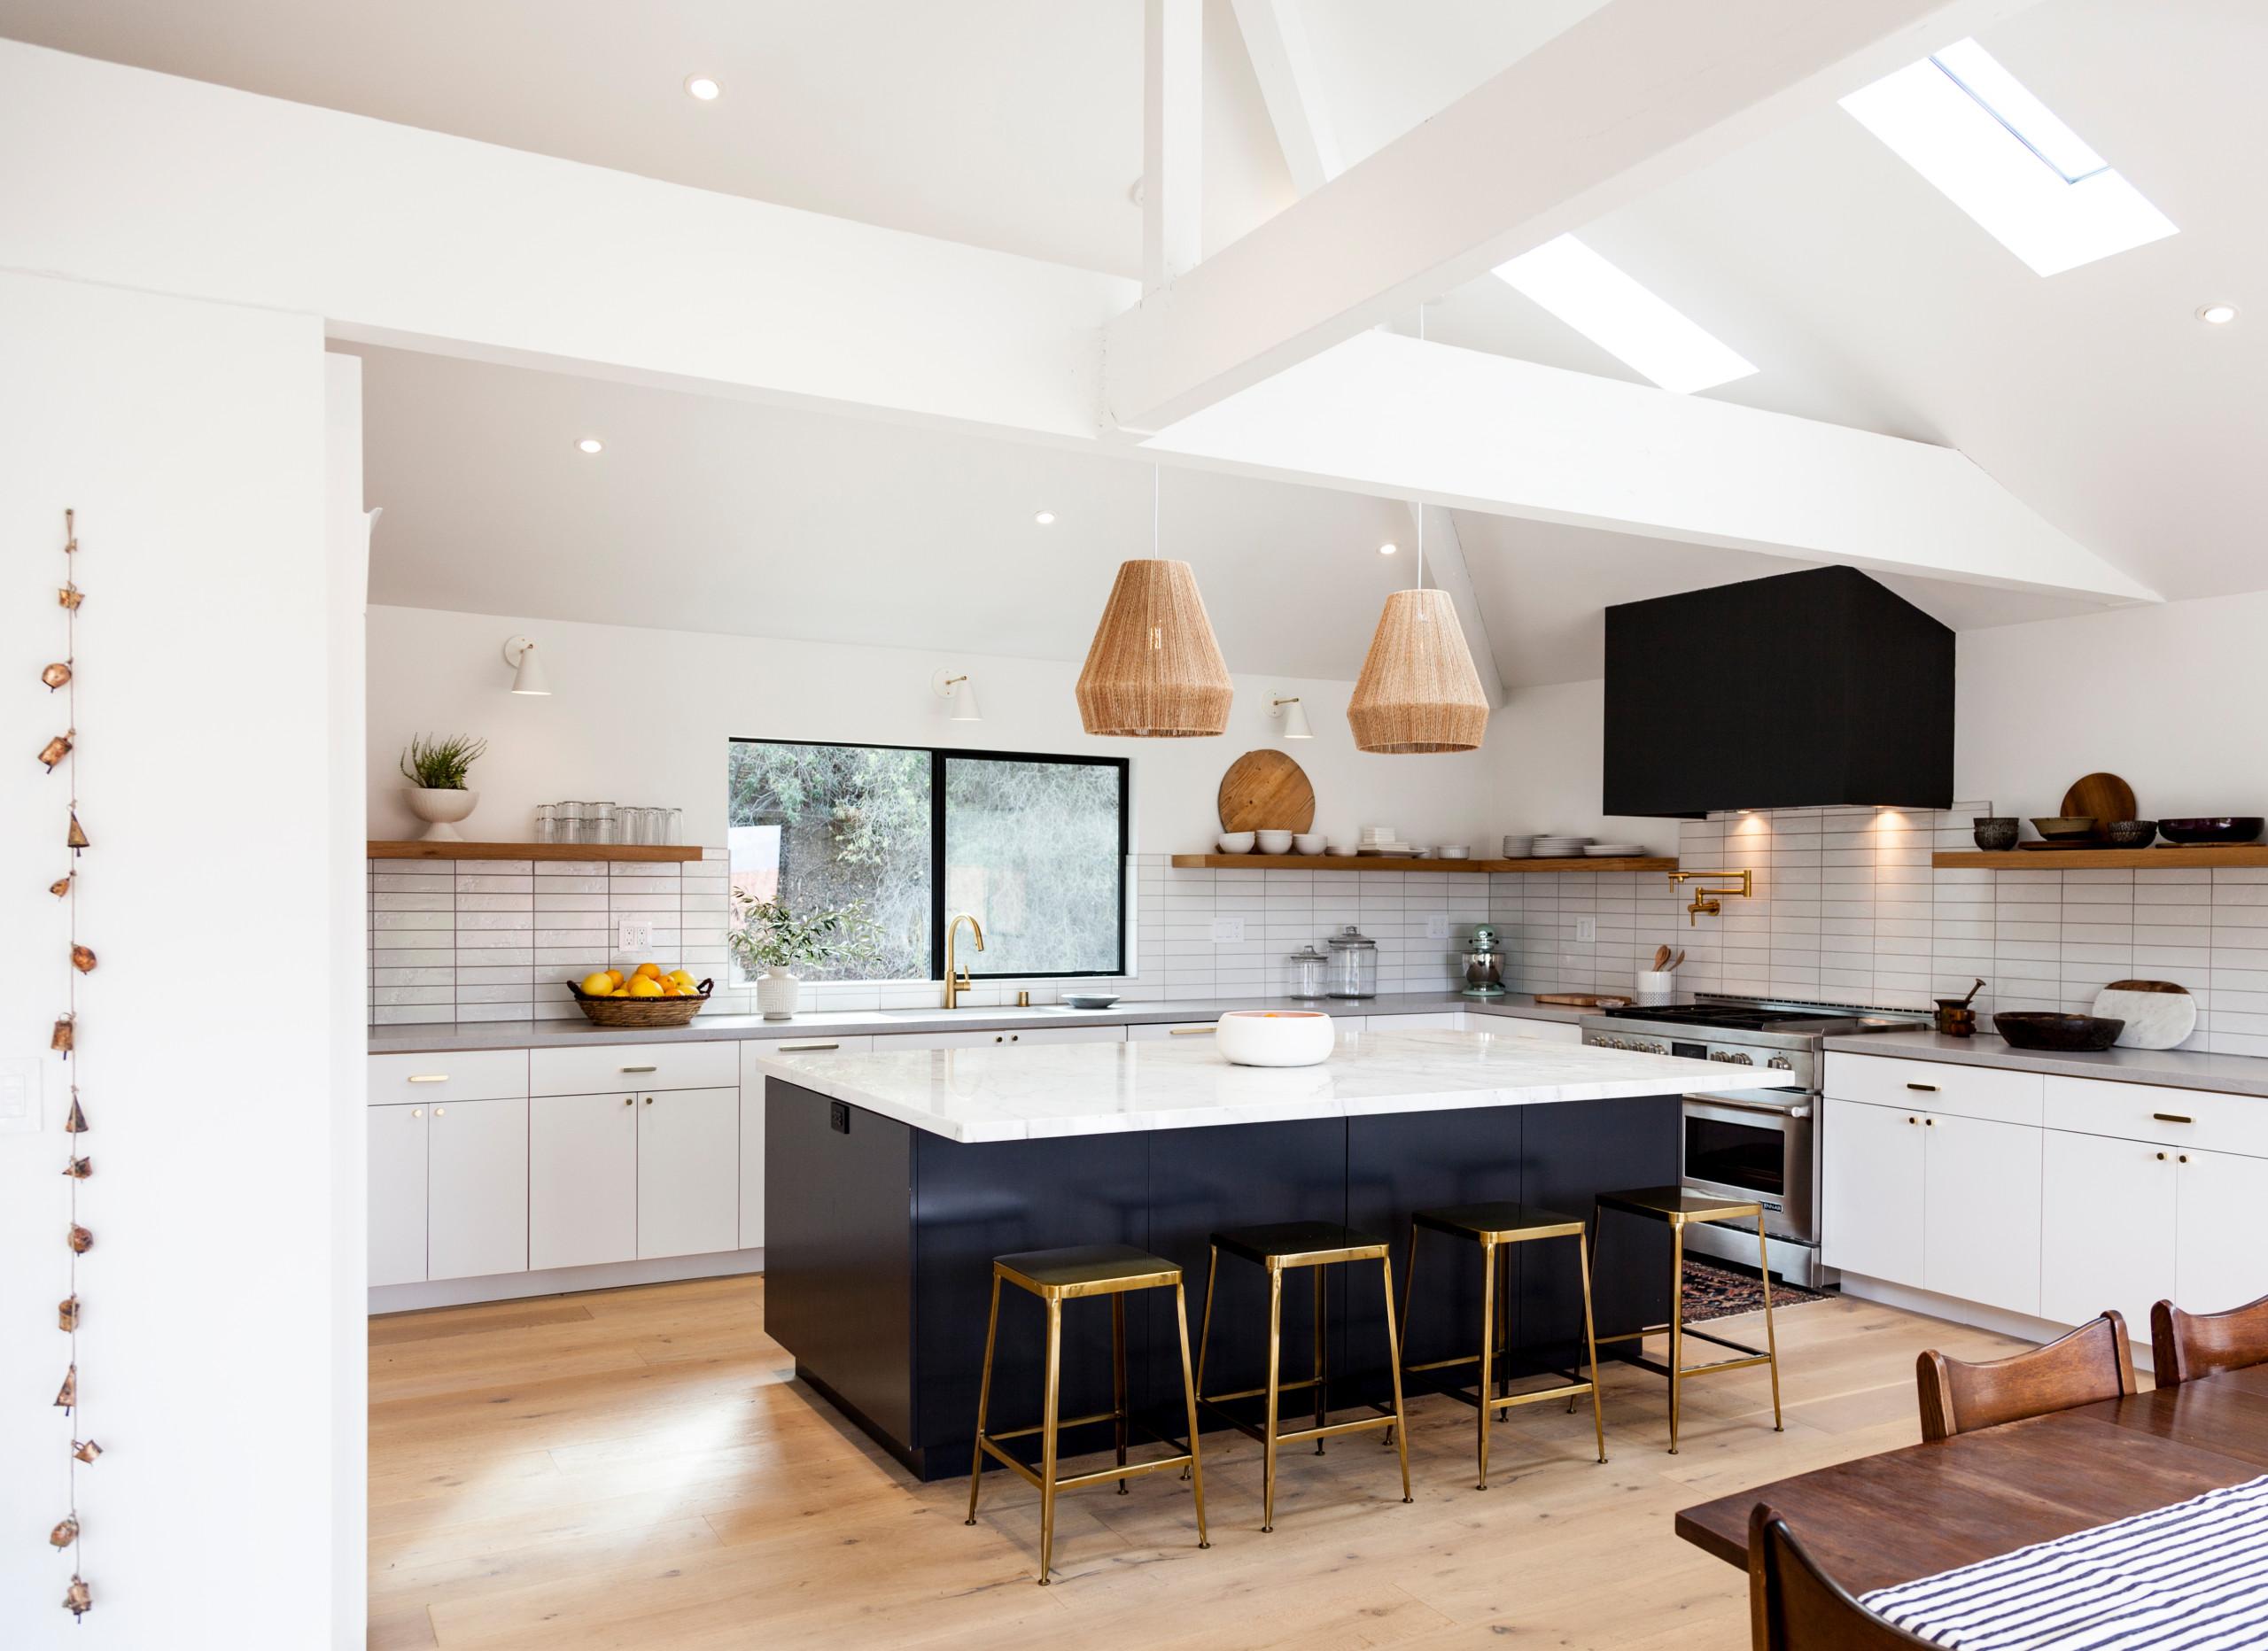 Cuisine avec un évier encastré et un plafond voûté : Photos et